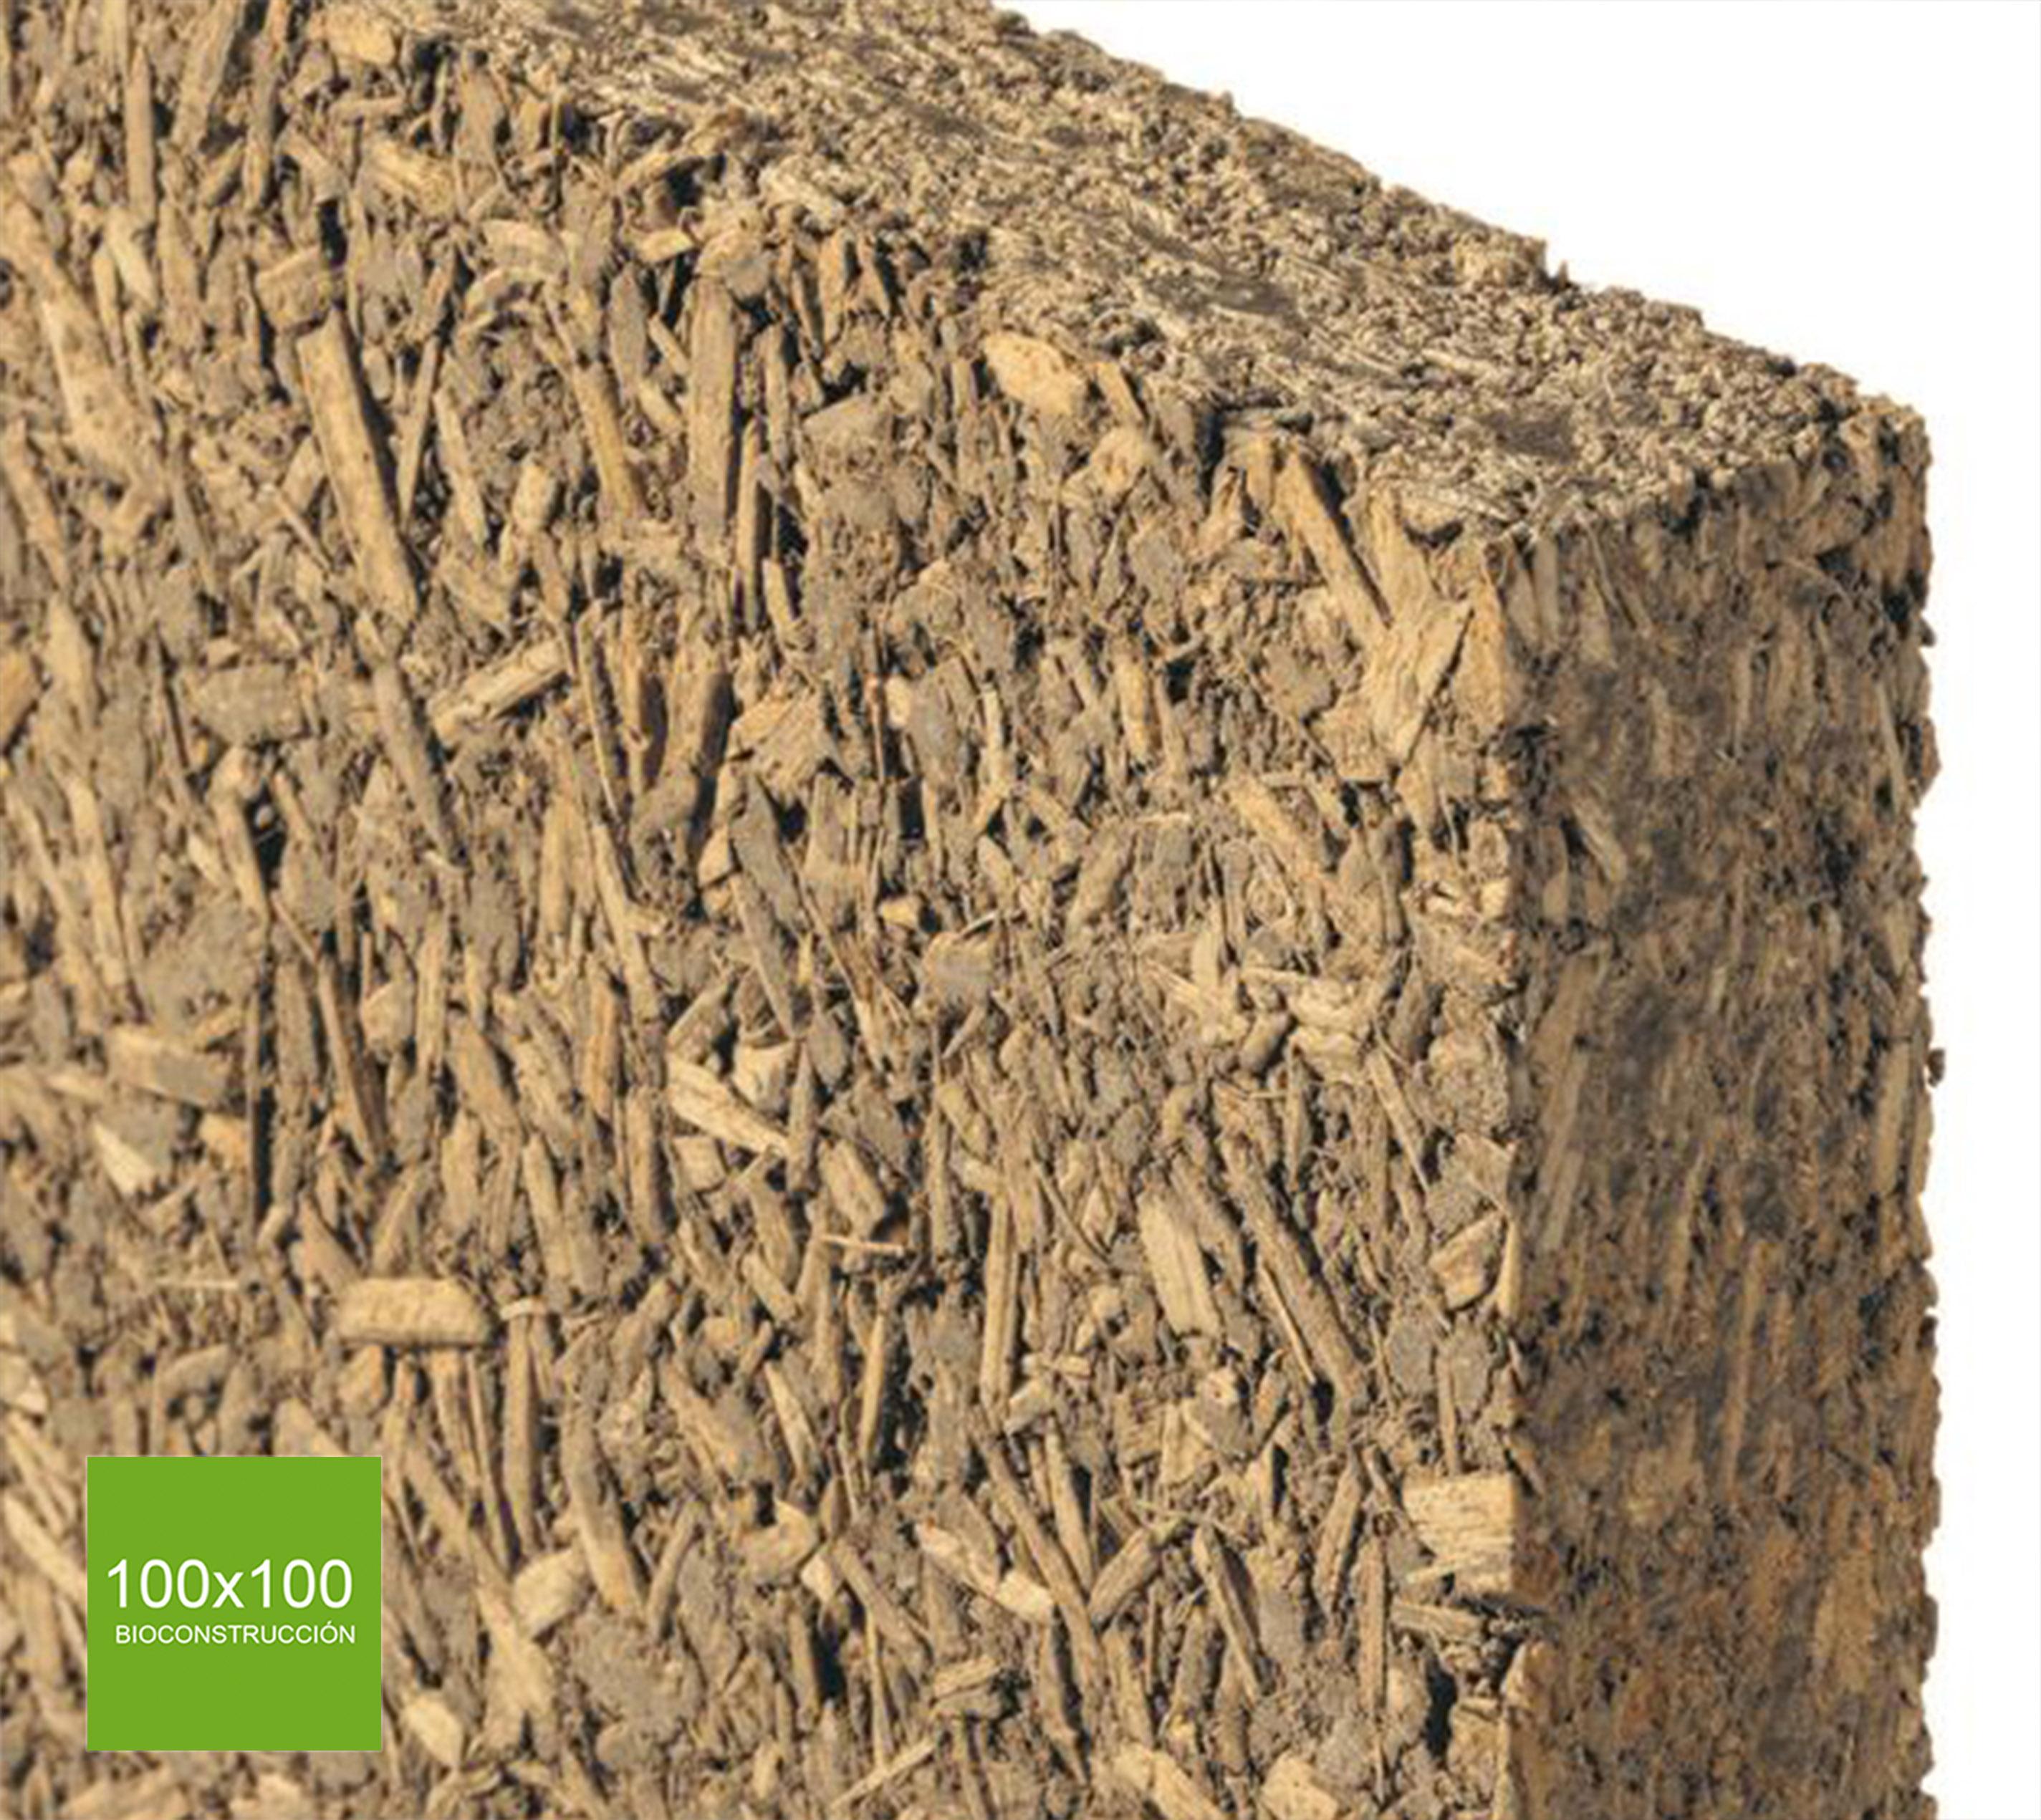 imagen blog 100x100 Bioconstrucción | ¿Sabes que existe una alternativa natural a las placas de yeso habituales?